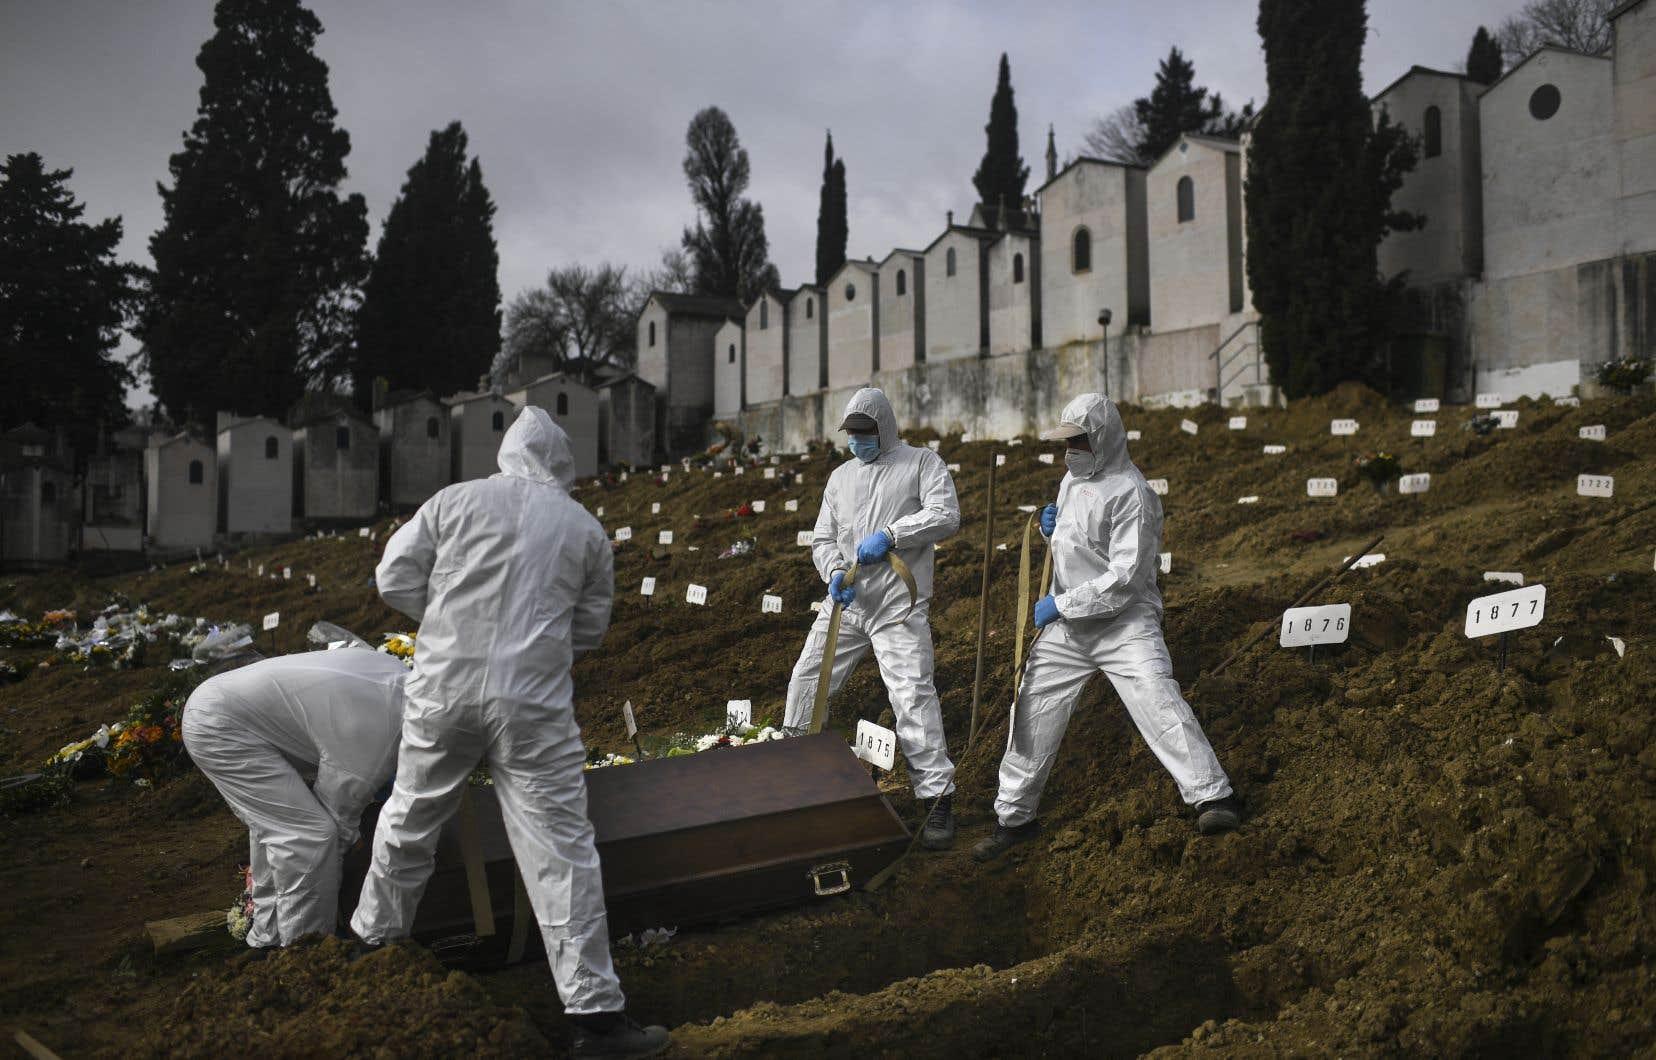 Depuis le début de la pandémie de COVID-19, en décembre 2019, pas moins de 112 618 488 cas d'infection au nouveau coronavirus ont été recensés sur la planète, dont 2 500 172 décès. Sur la photo, des employés d'un cimetière à Lisbonne, au Portugal.